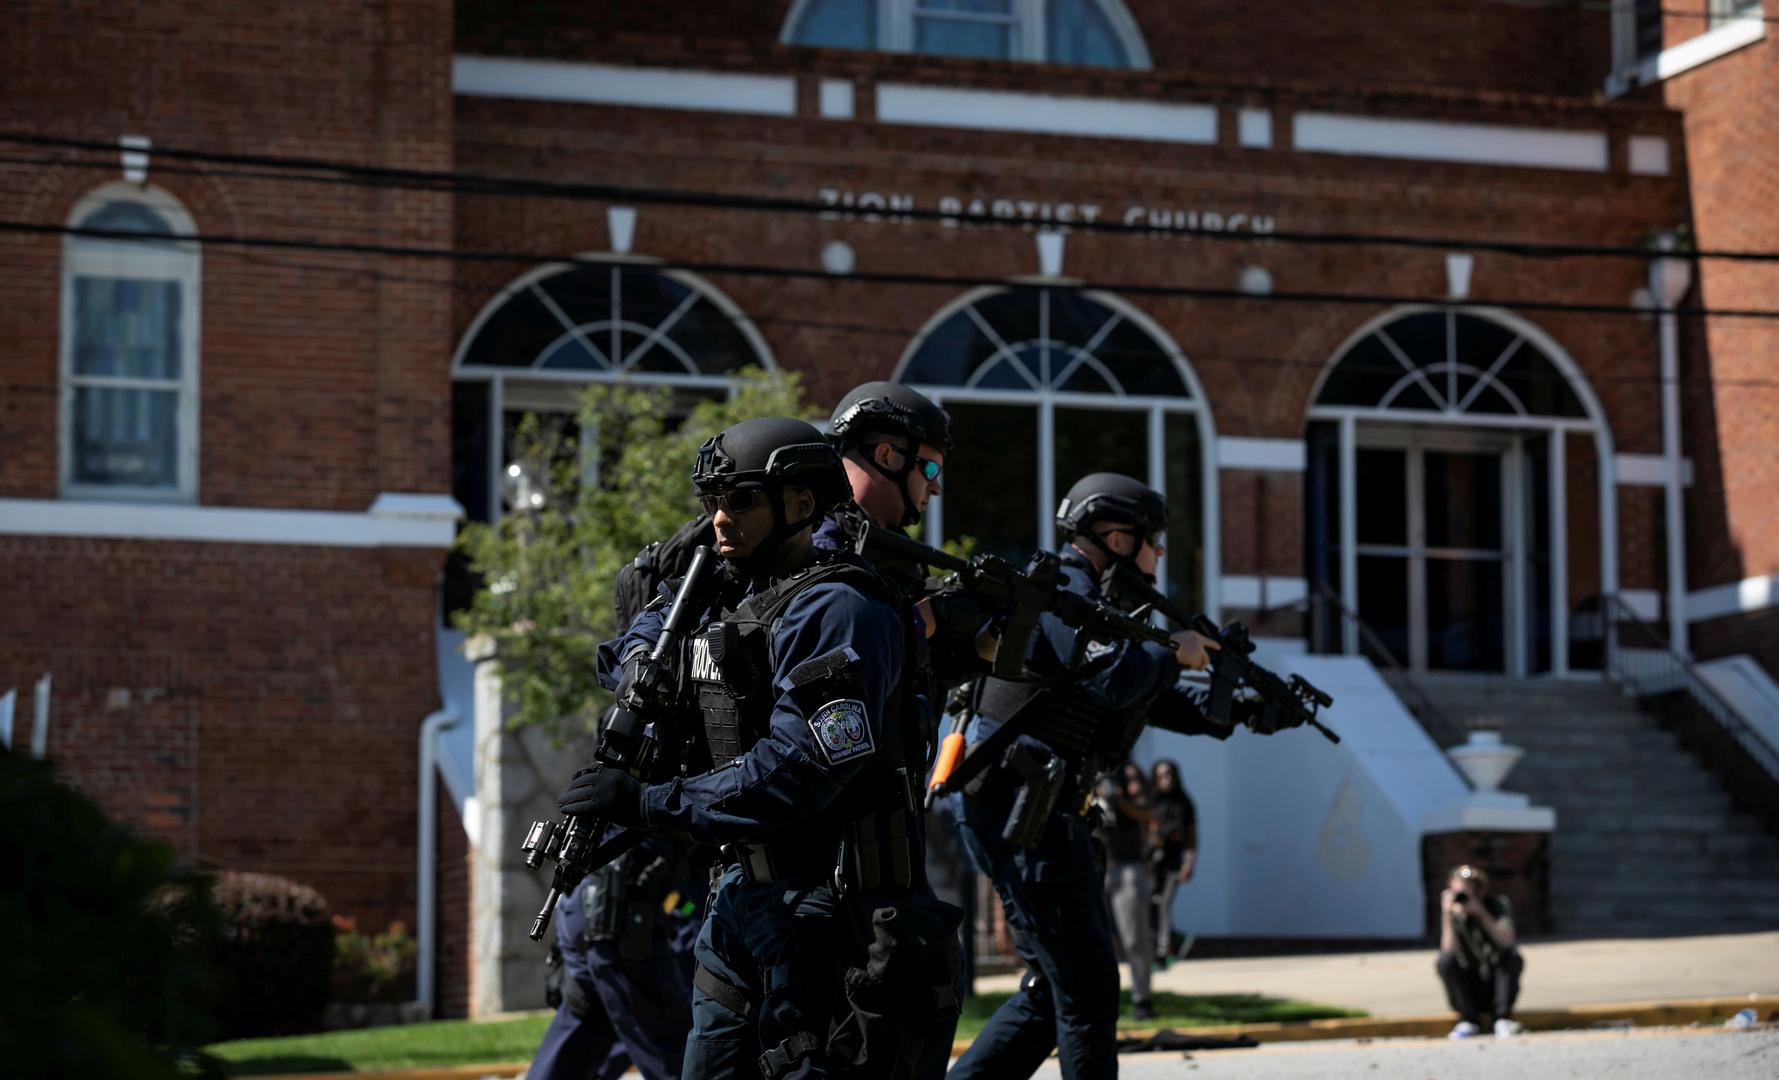 مقتل 5 أشخاص بإطلاق النار في ولاية ساوث كارولينا الأمريكية